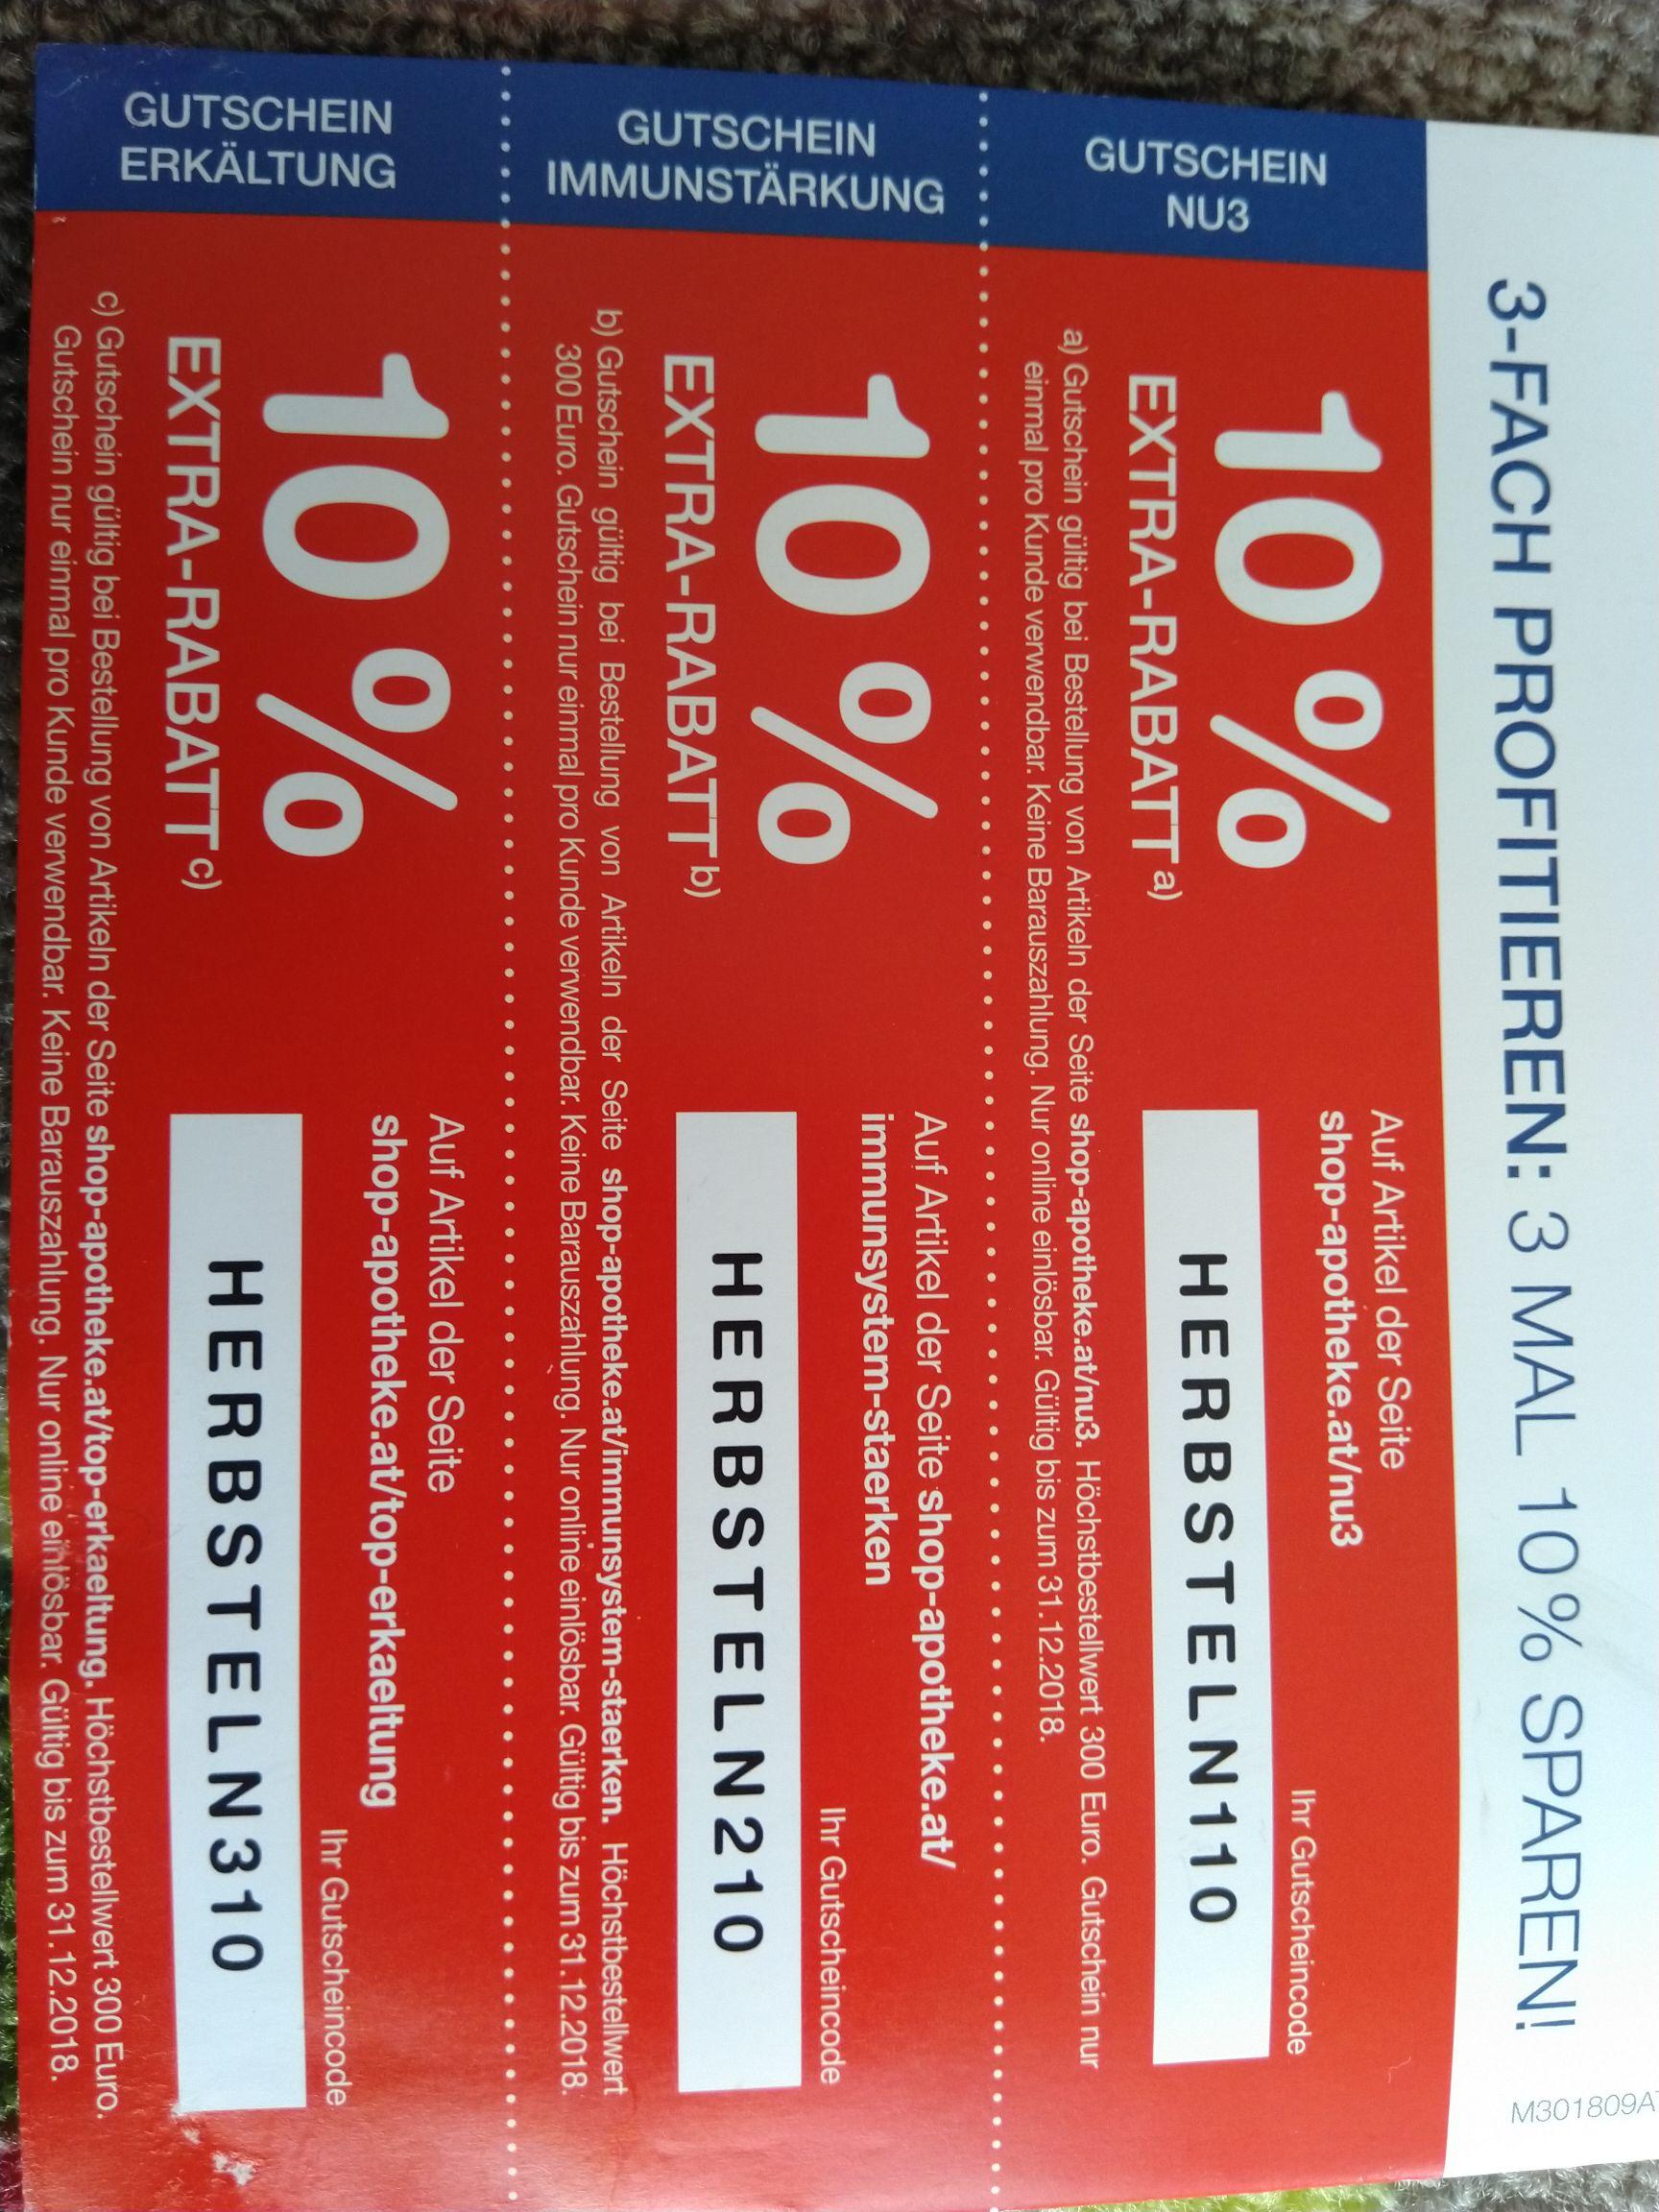 Shop apotheke gutschein versandkostenfrei